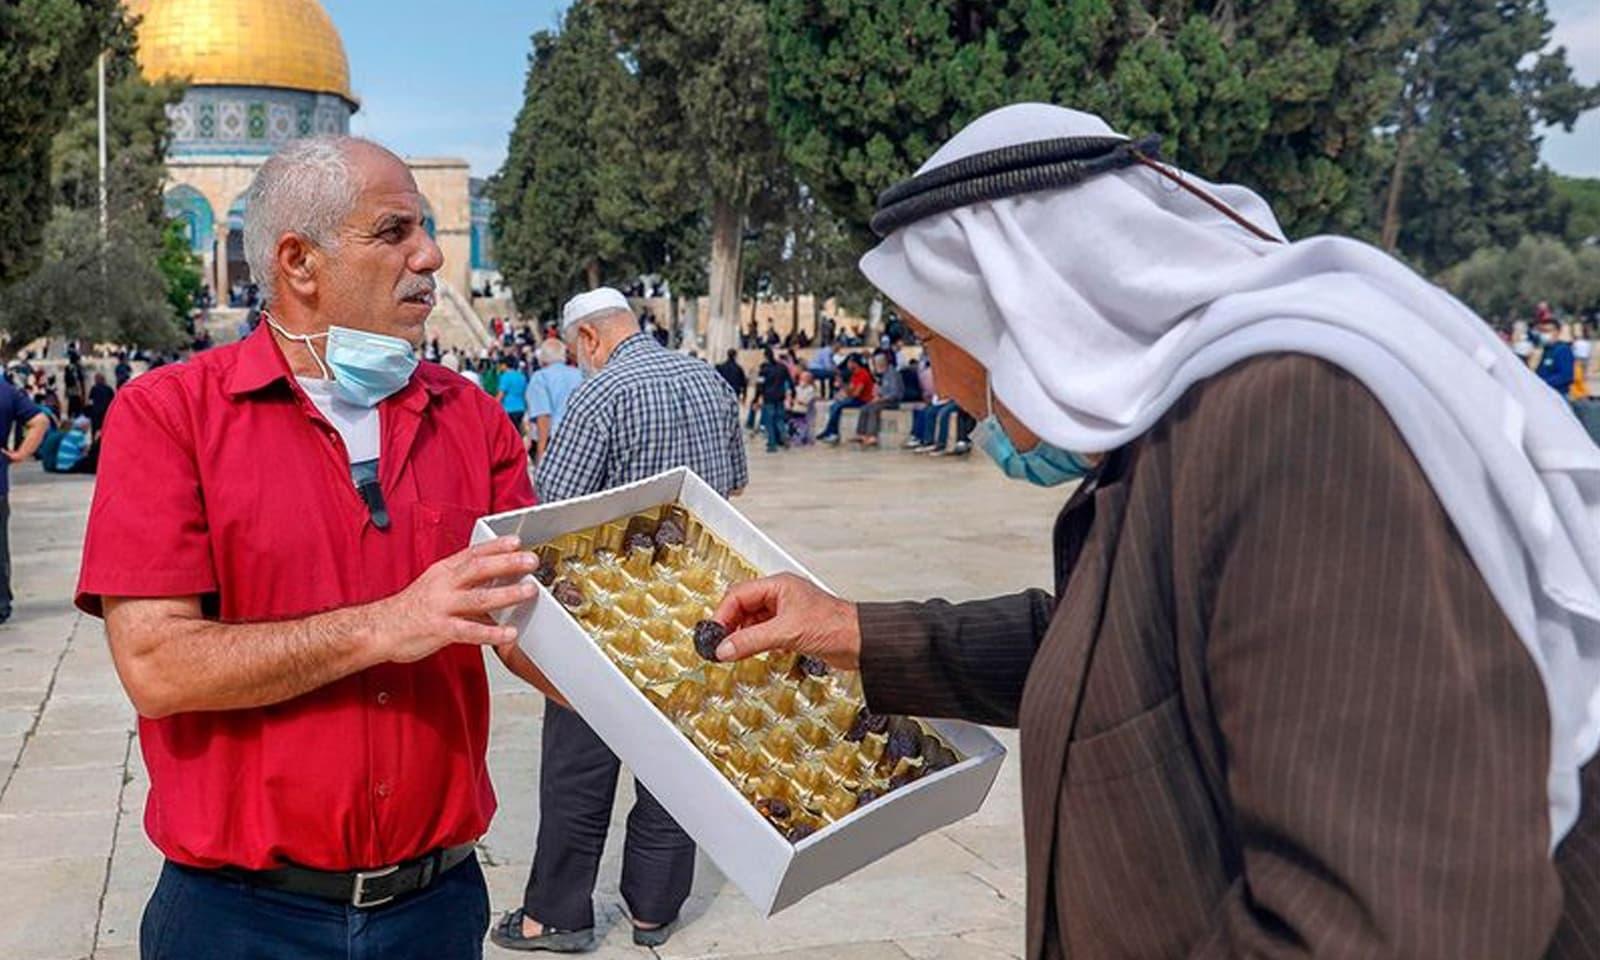 فلسطین میں ایک شخص لوگوں میں مٹھائی تقسیم کر رہا ہے— فوٹو:اے ایف پی